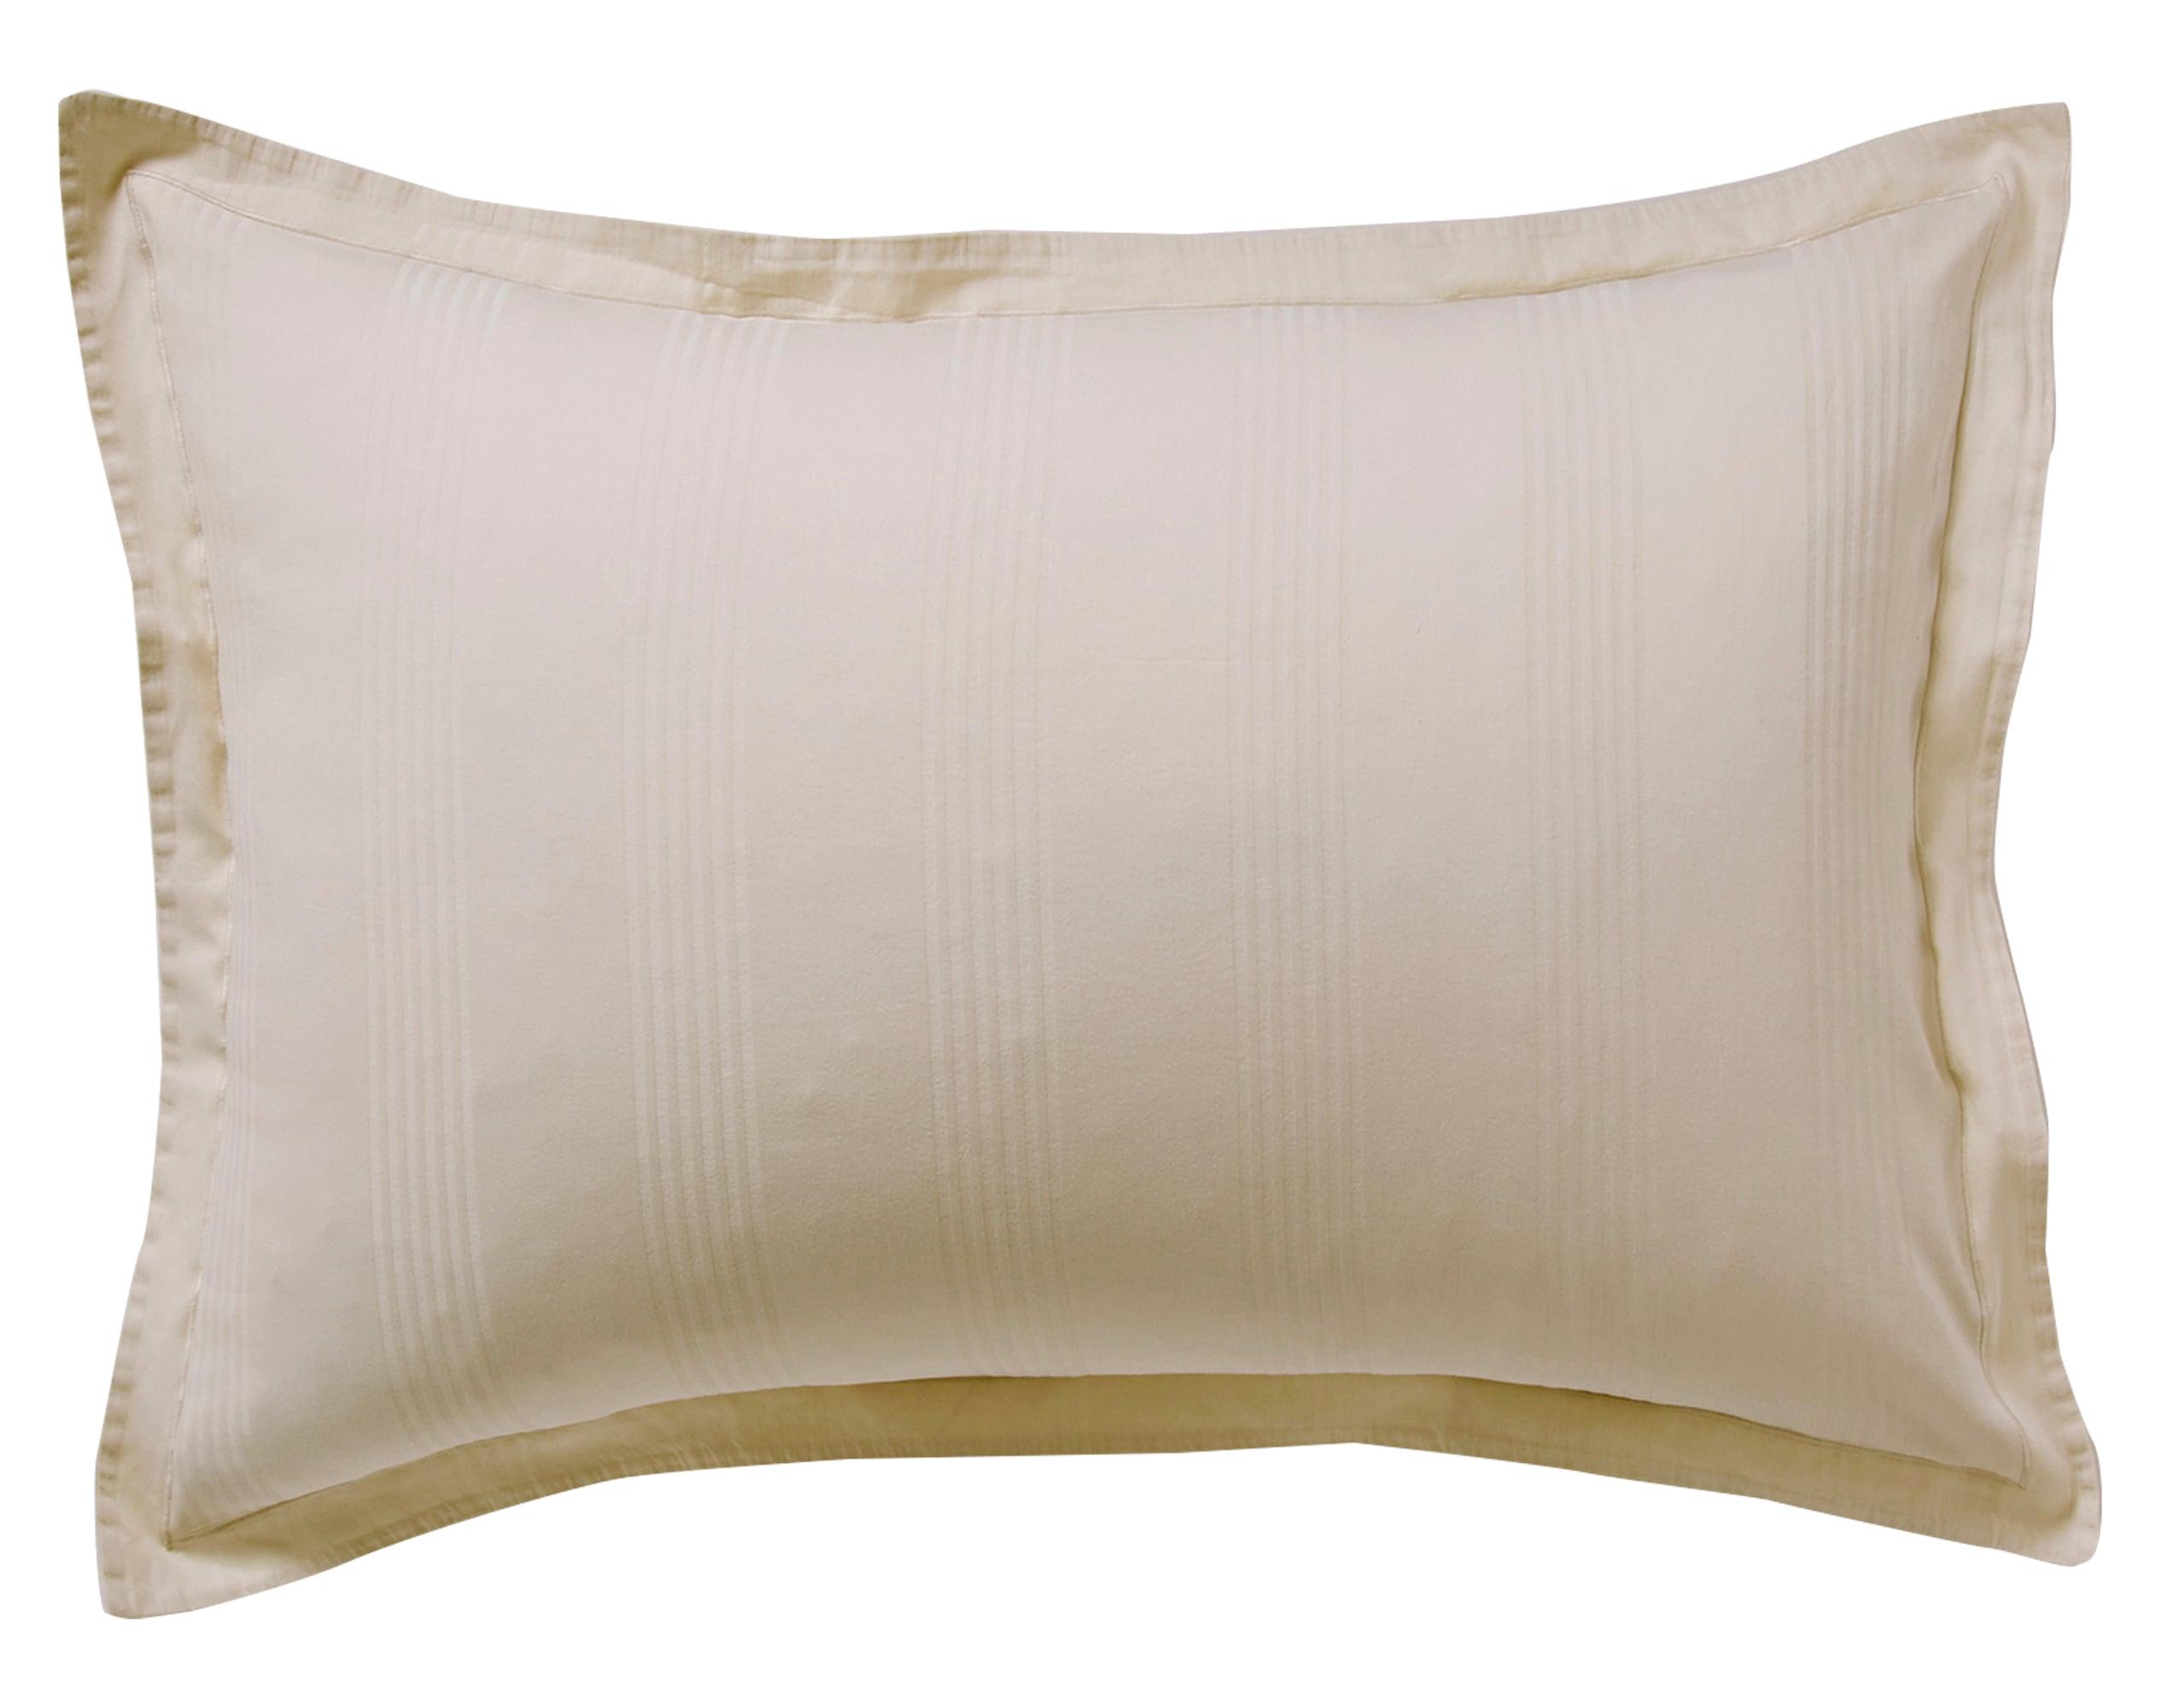 Taie d'oreiller 50x70 en satin de coton  beige